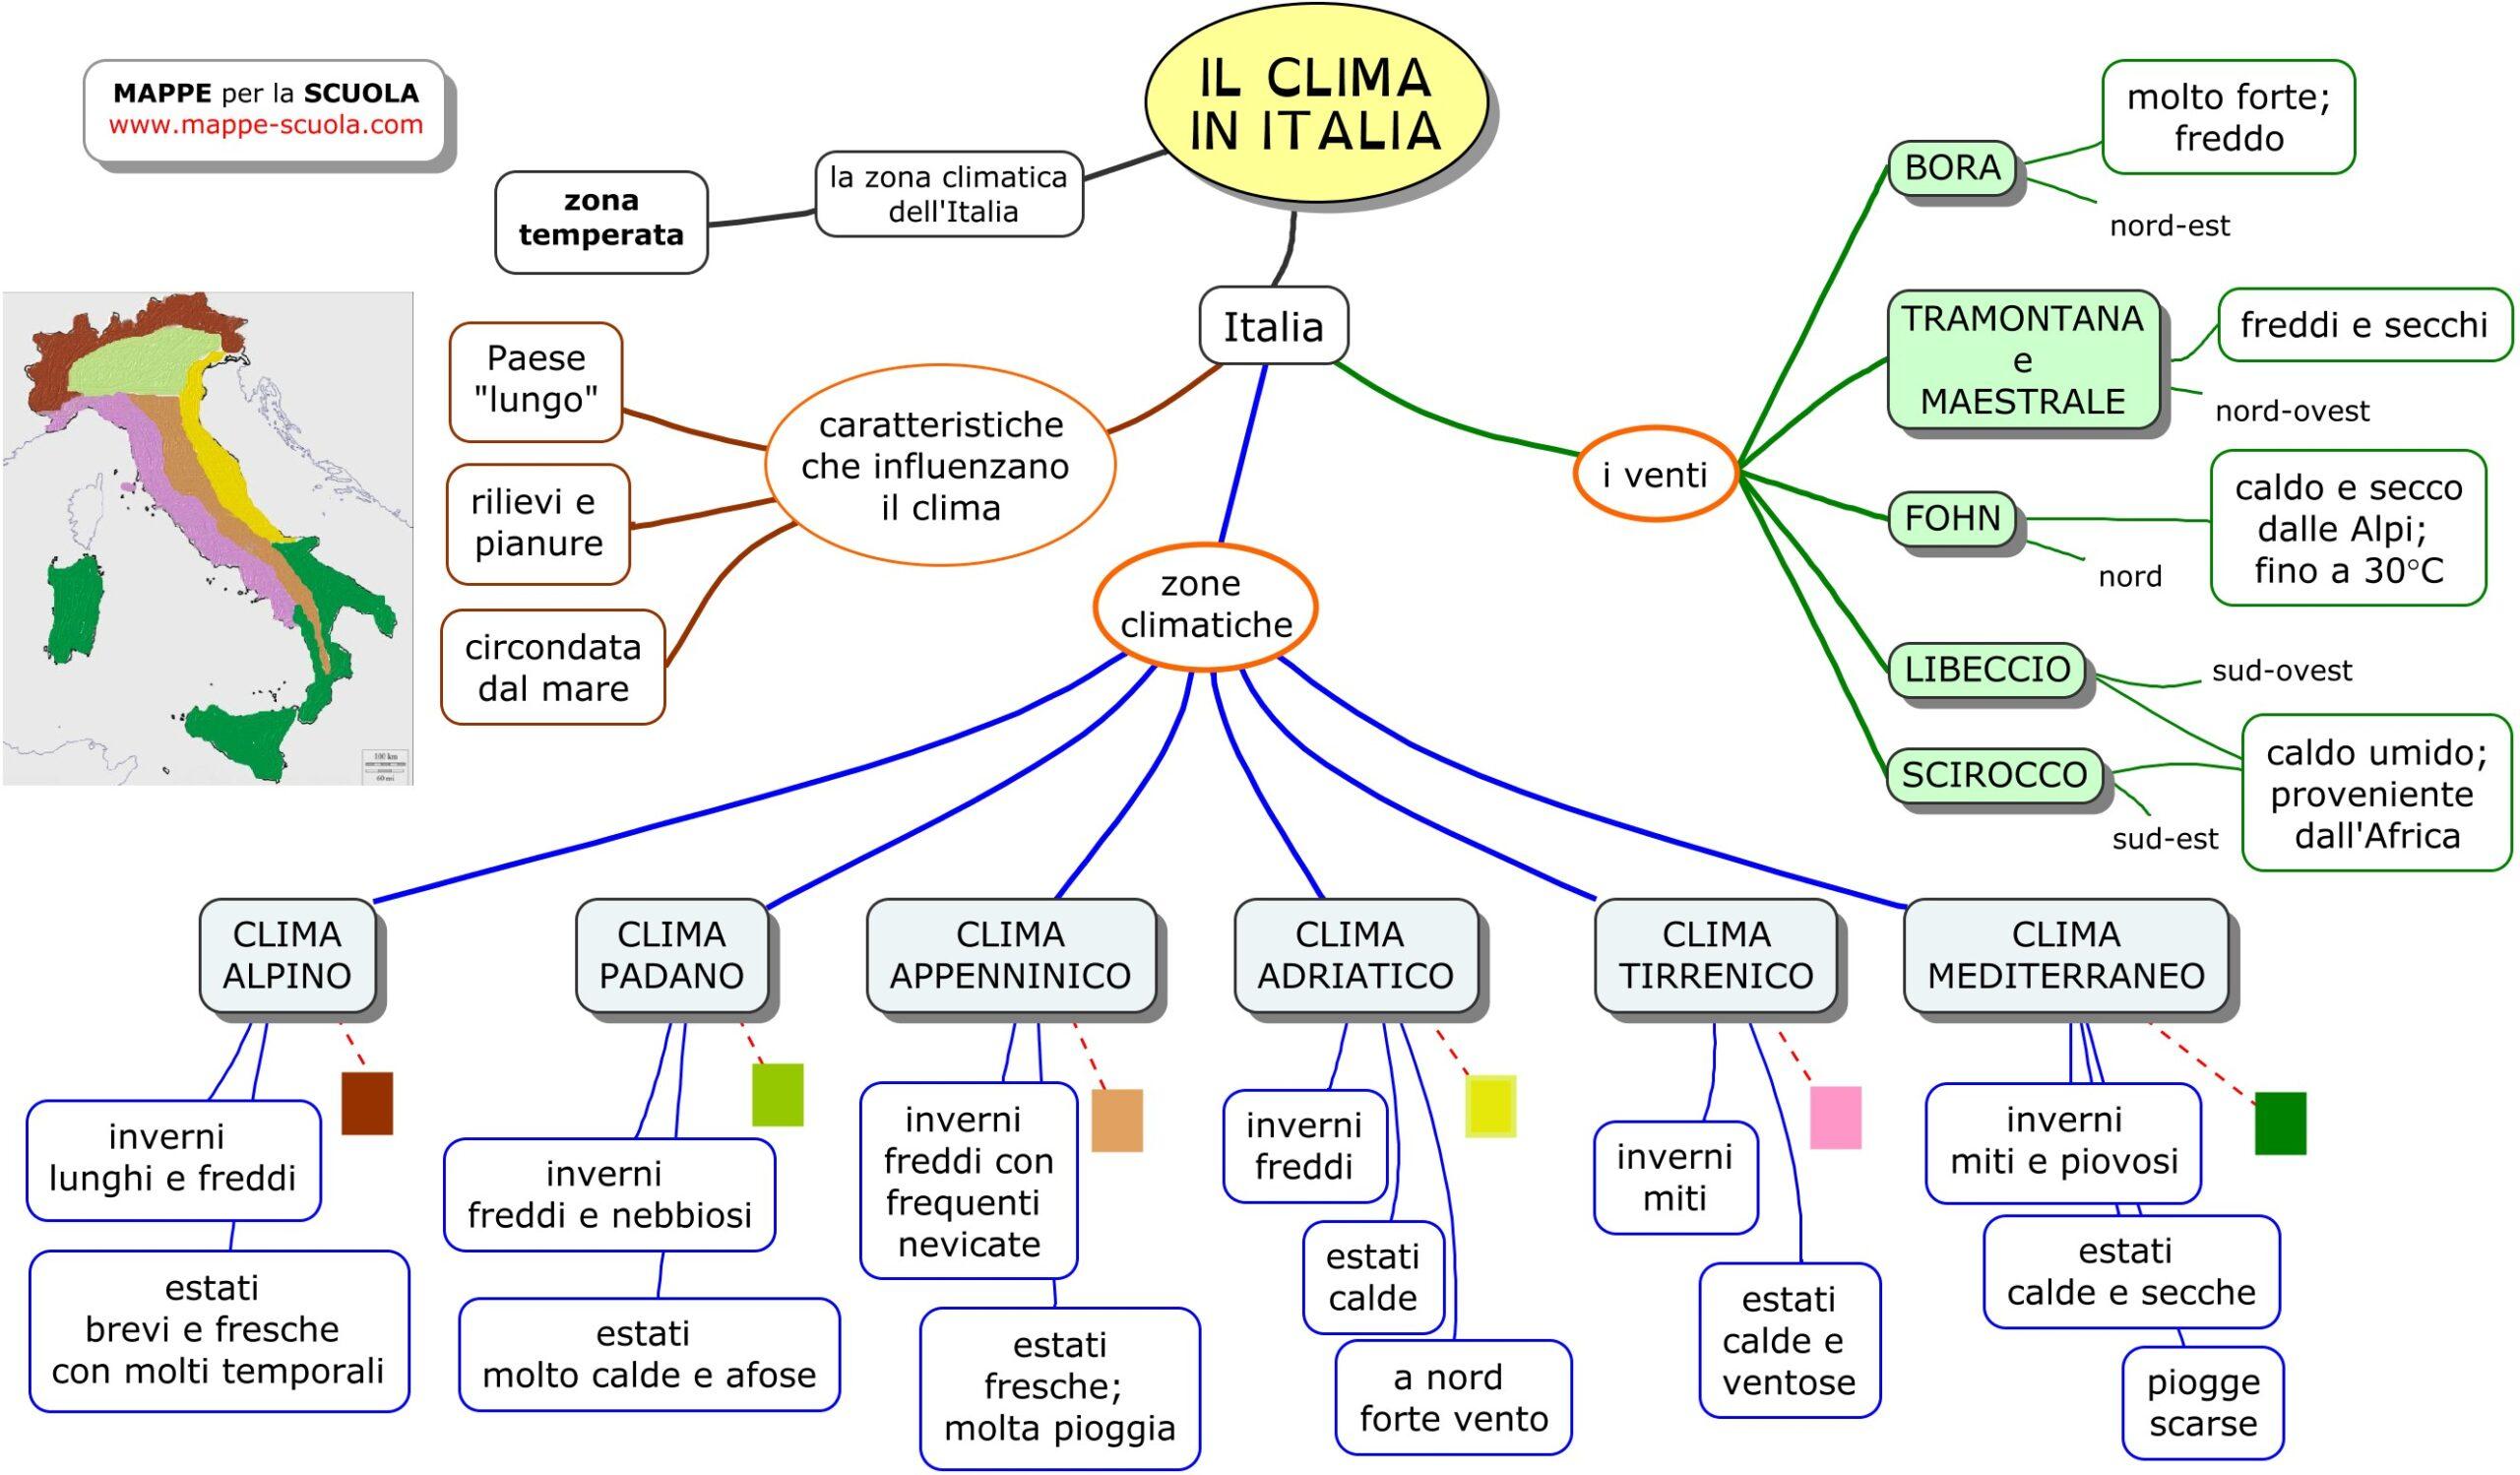 mappa concettuale del clima in Italia